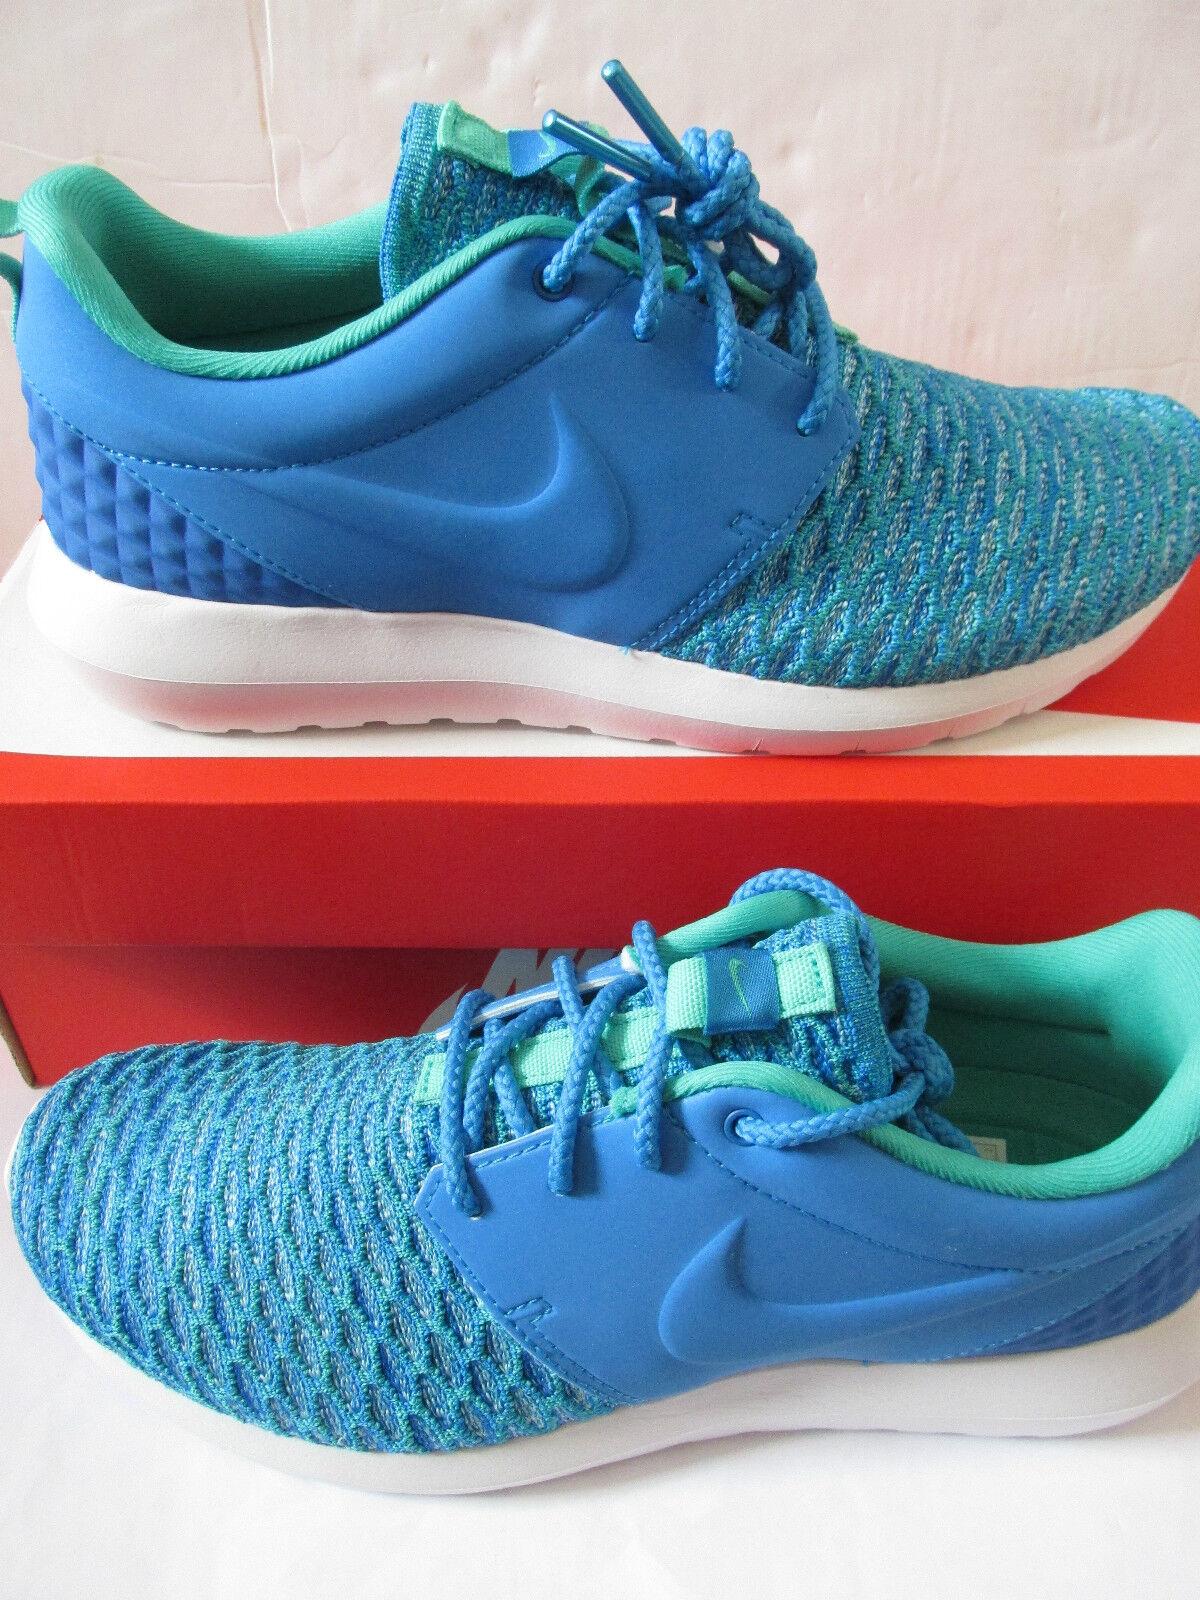 Nike roshe nm flyknit sonodiventate 400 Uomo correndo formatori 746825 400 sonodiventate scarpe, scarpe 9112f5